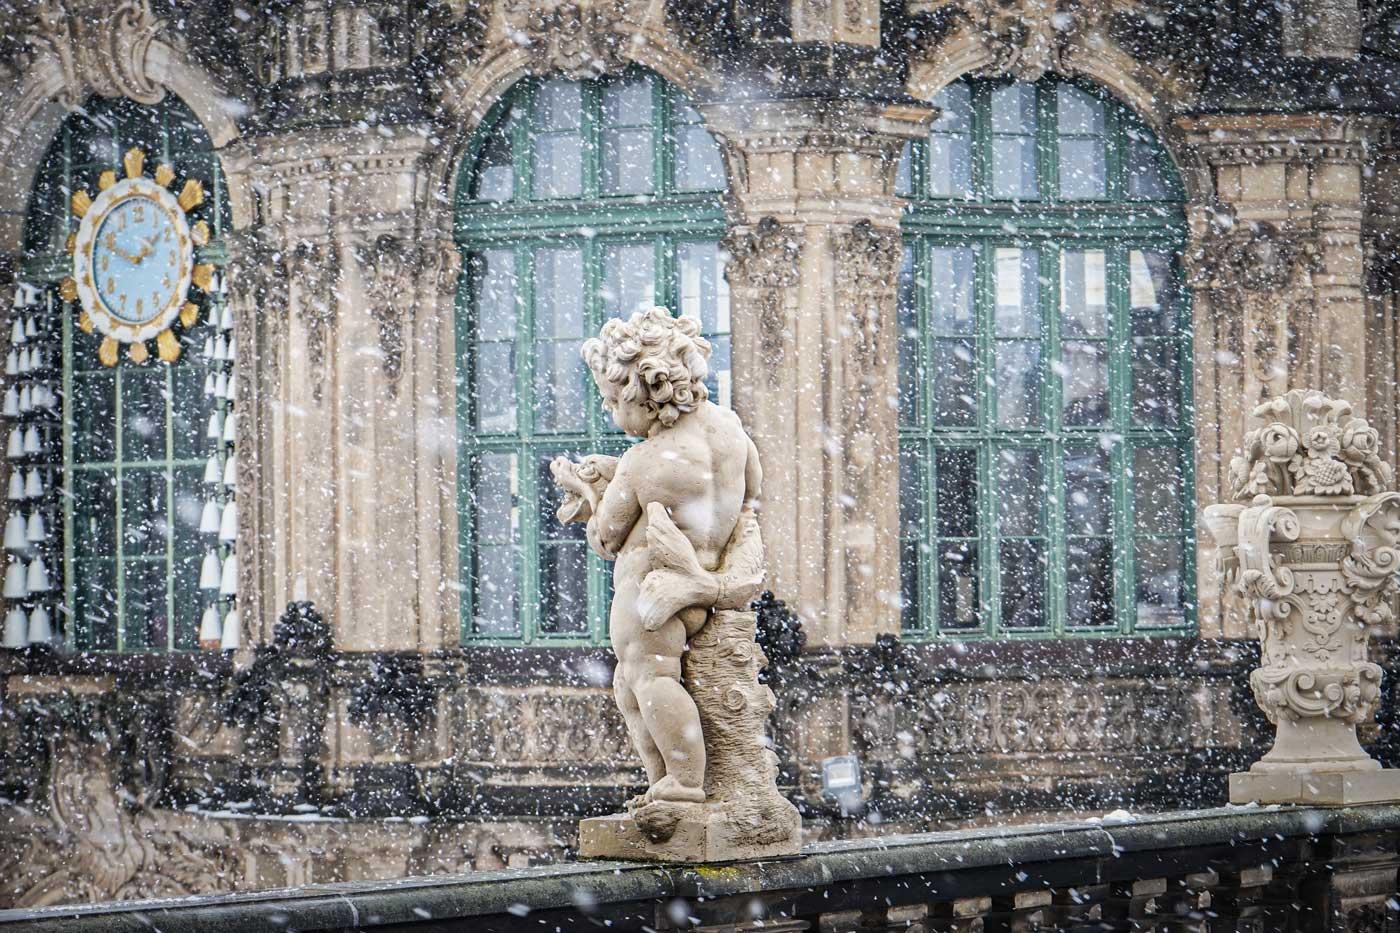 Eine Sandsteinfigur des Dresdner Zwingers im Schneegestöber. Im Hintergrund ist das Glockenspiel zu sehen.